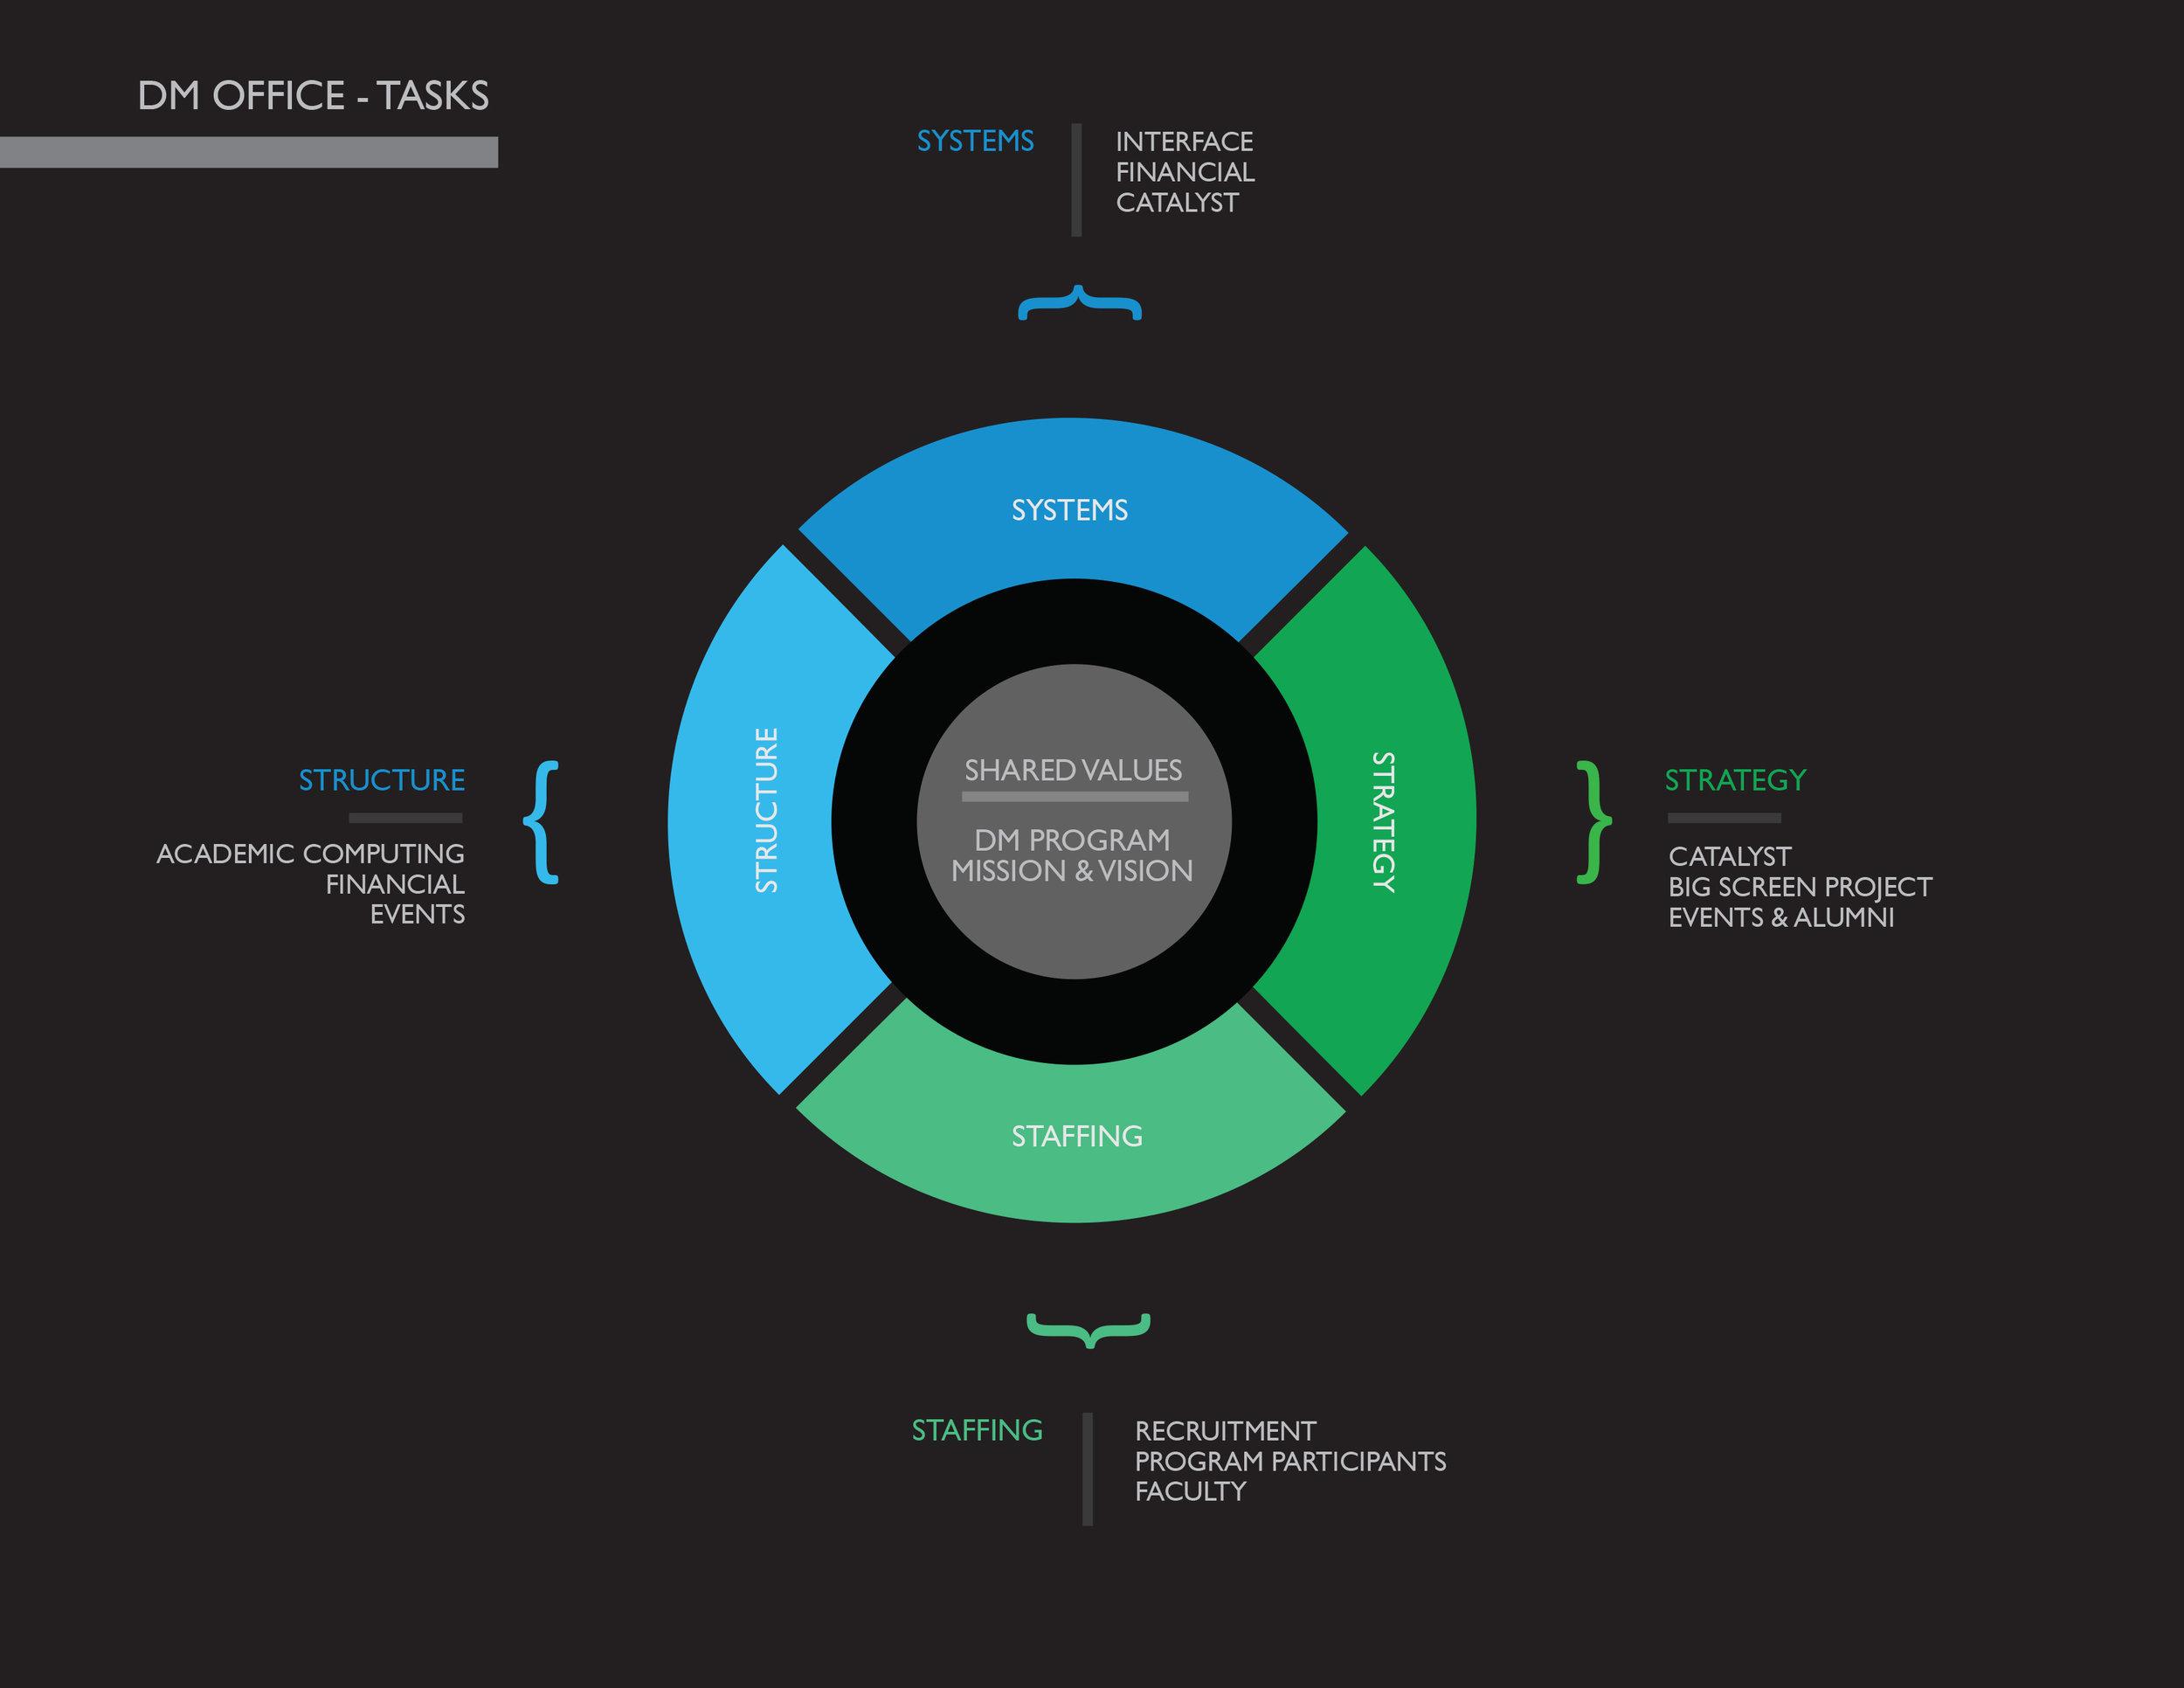 Training model for DM Office